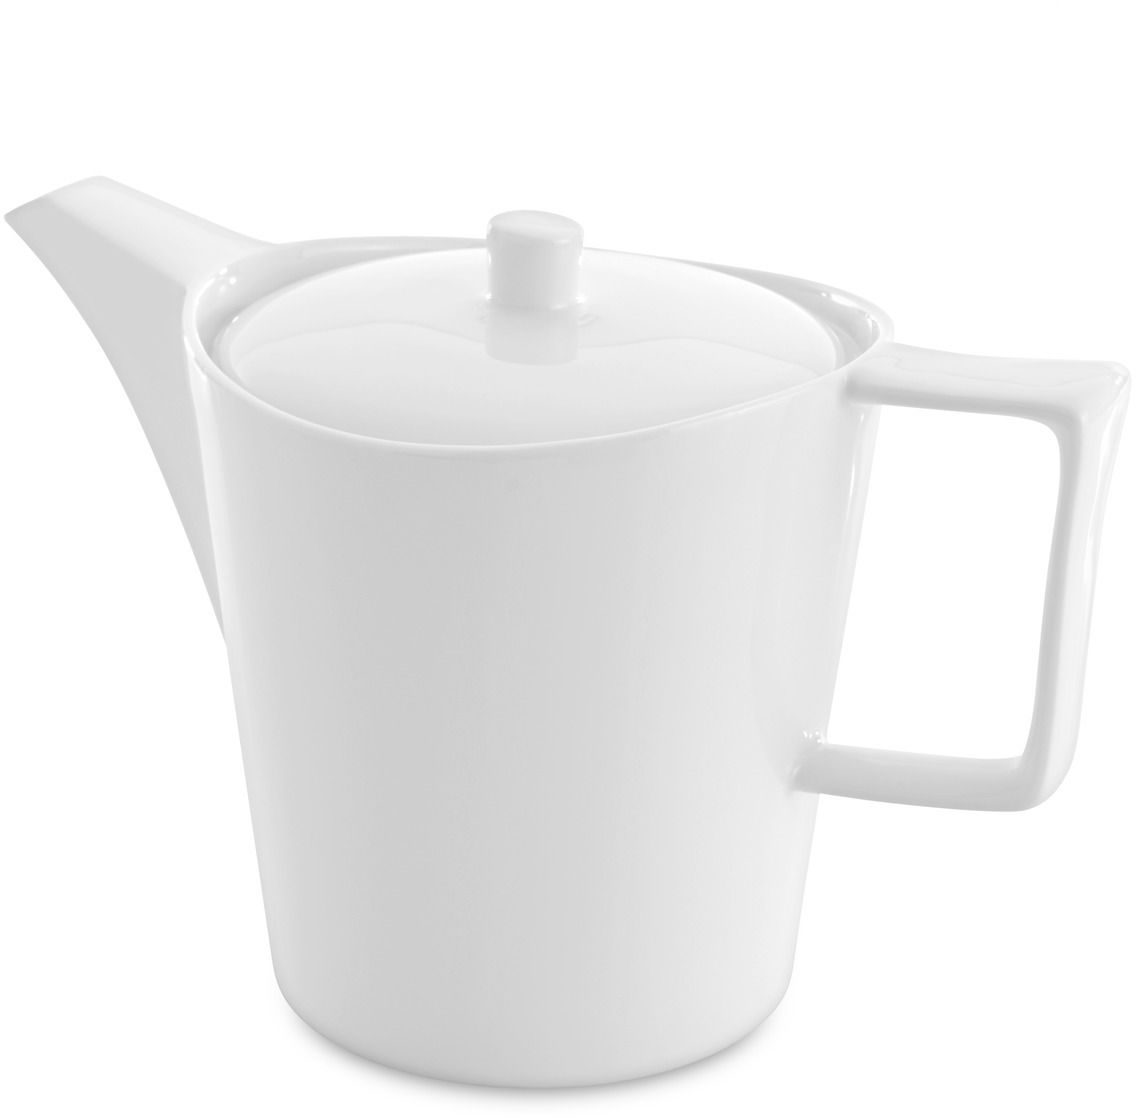 Чайник заварочный BergHOFF Eclipse, цвет: белый, 1,3 л3700437Заварочный чайник BergHOFF Eclipse - знак качества и современного дизайна.Чайник устойчив к царапинам от ножей и вилок.Подходит для посудомоечных машин, печей и духовых шкафов.Предназначен для ежедневного использования.Объем: 1300 мл.